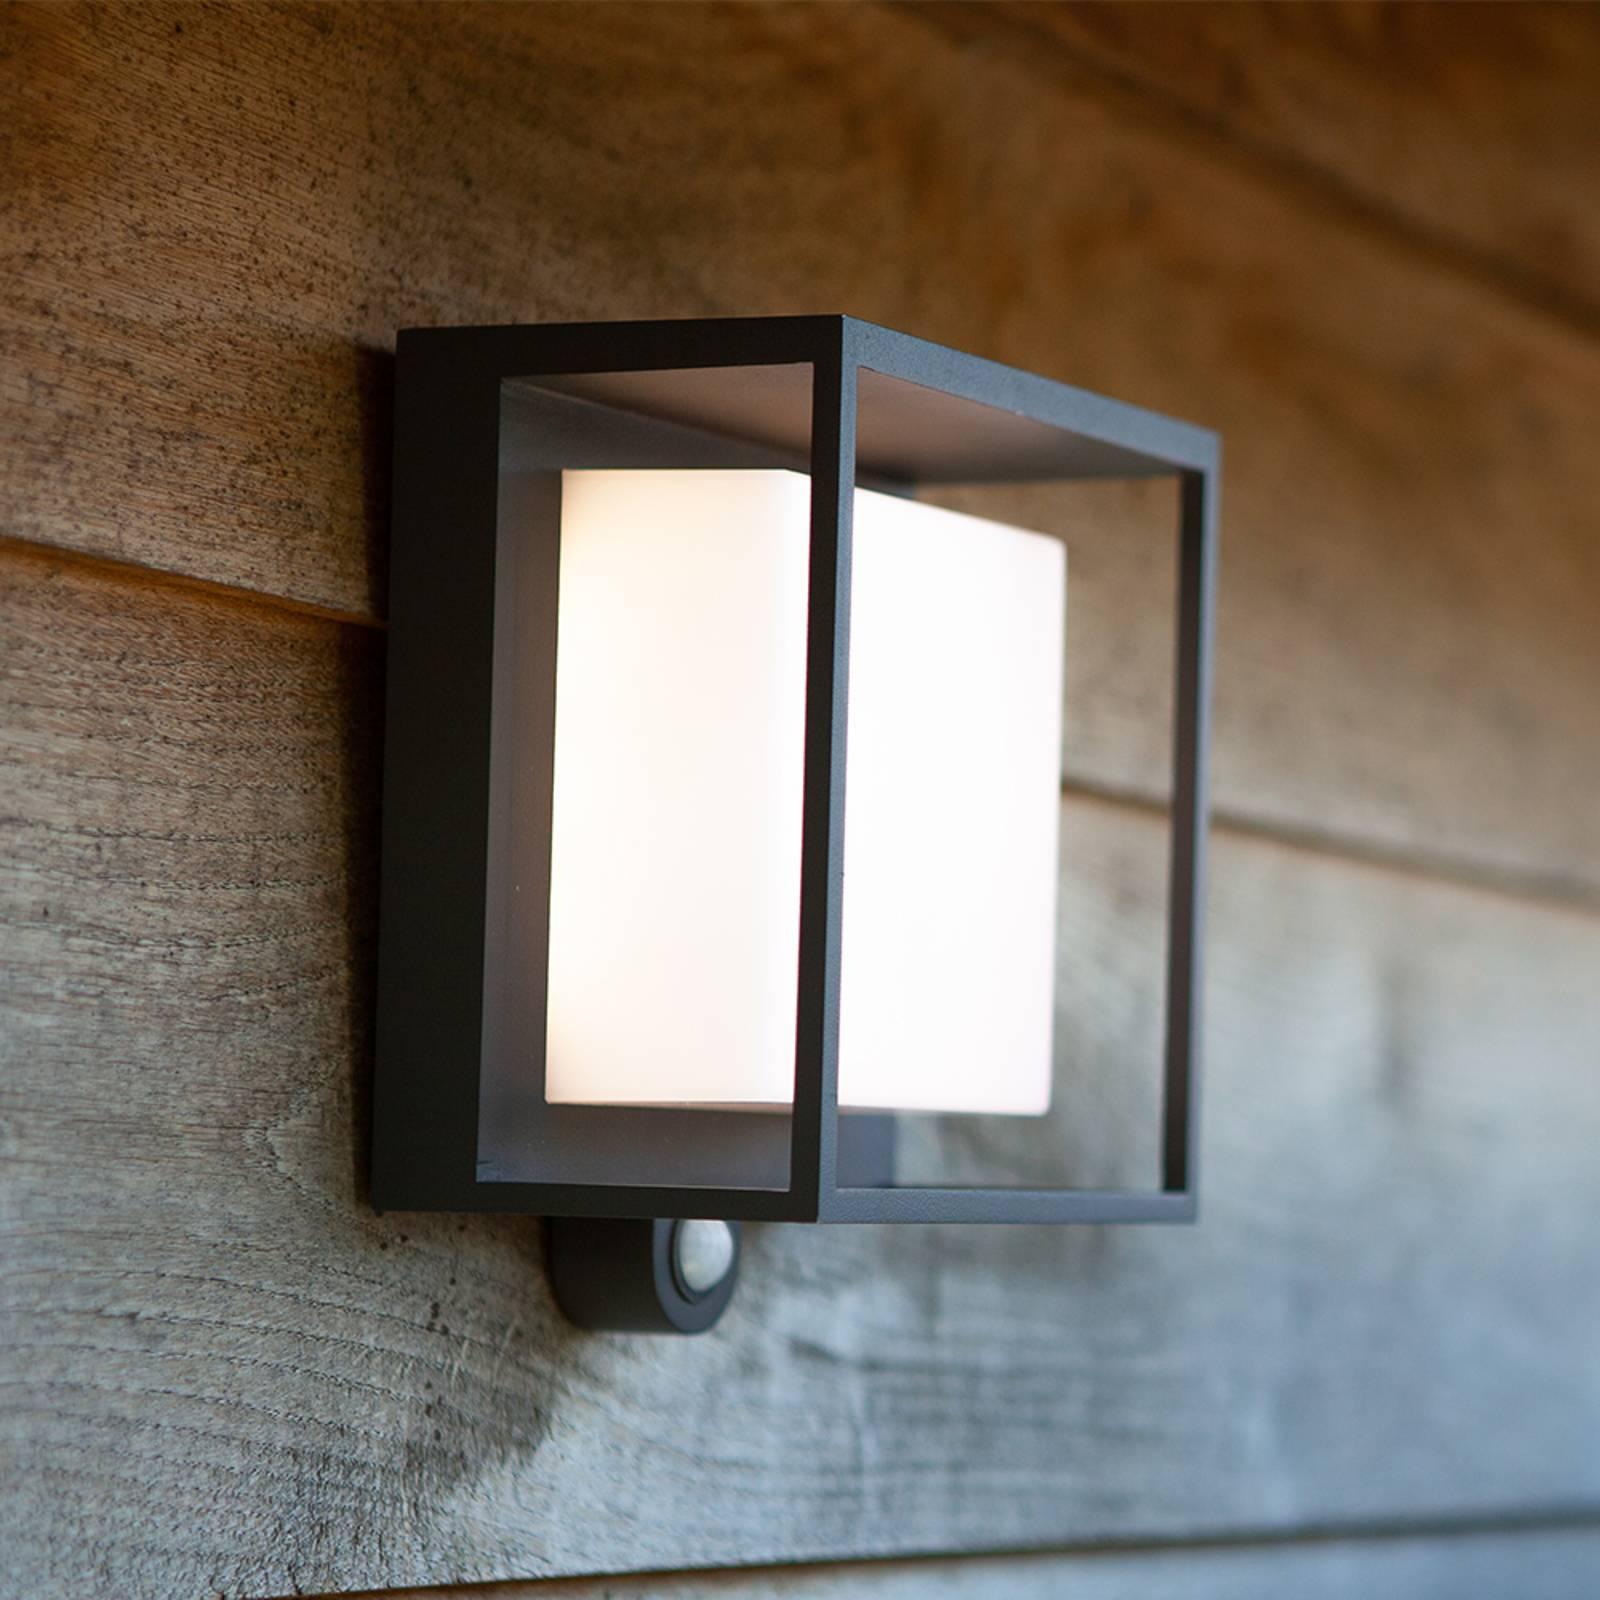 Lampa solarna LED Curtis z czujnikiem ruchu